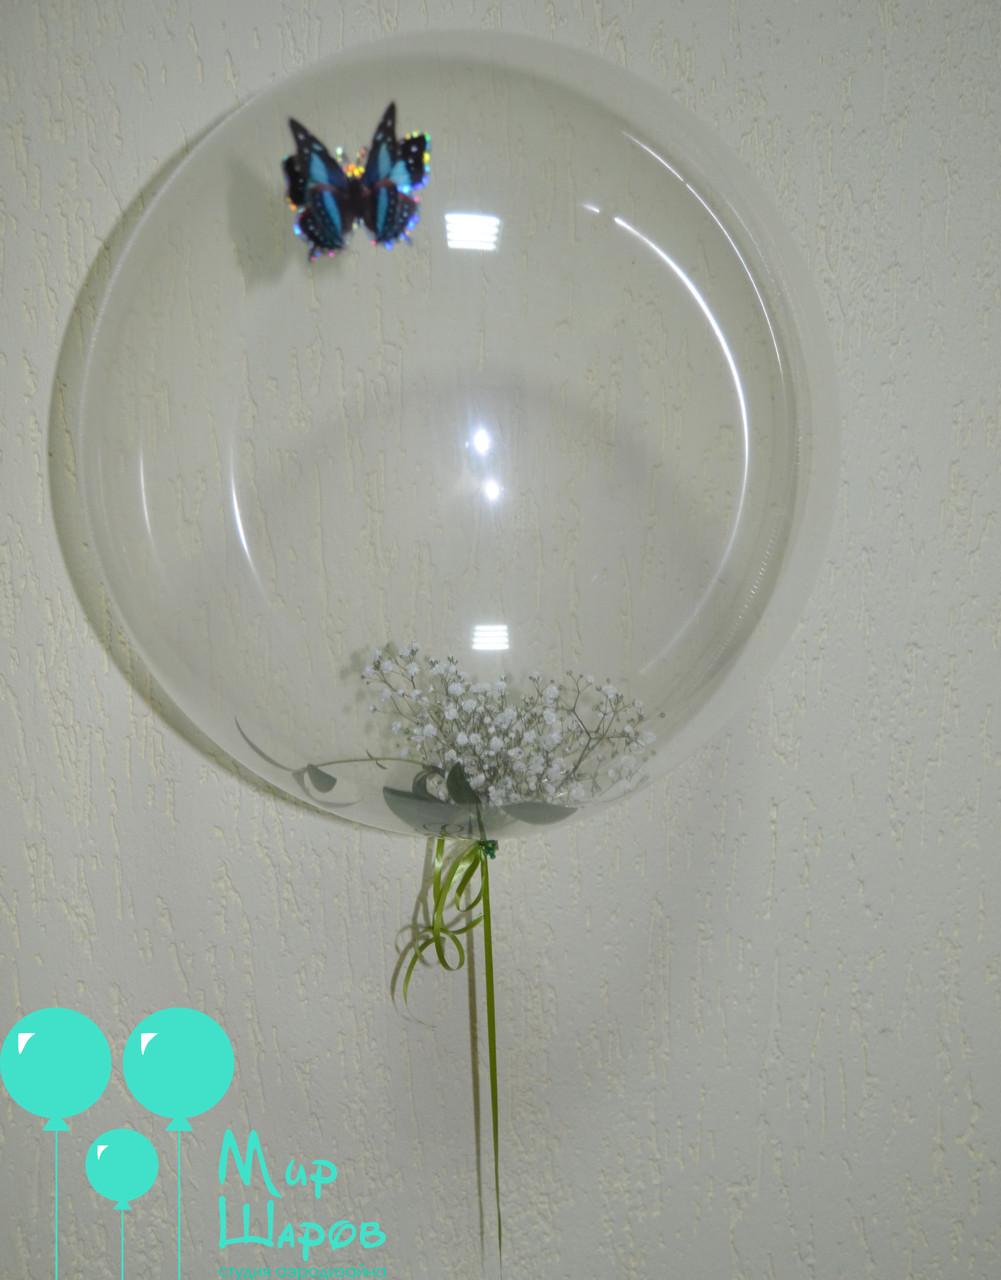 Пластиковый шар с живой флористикой внутри